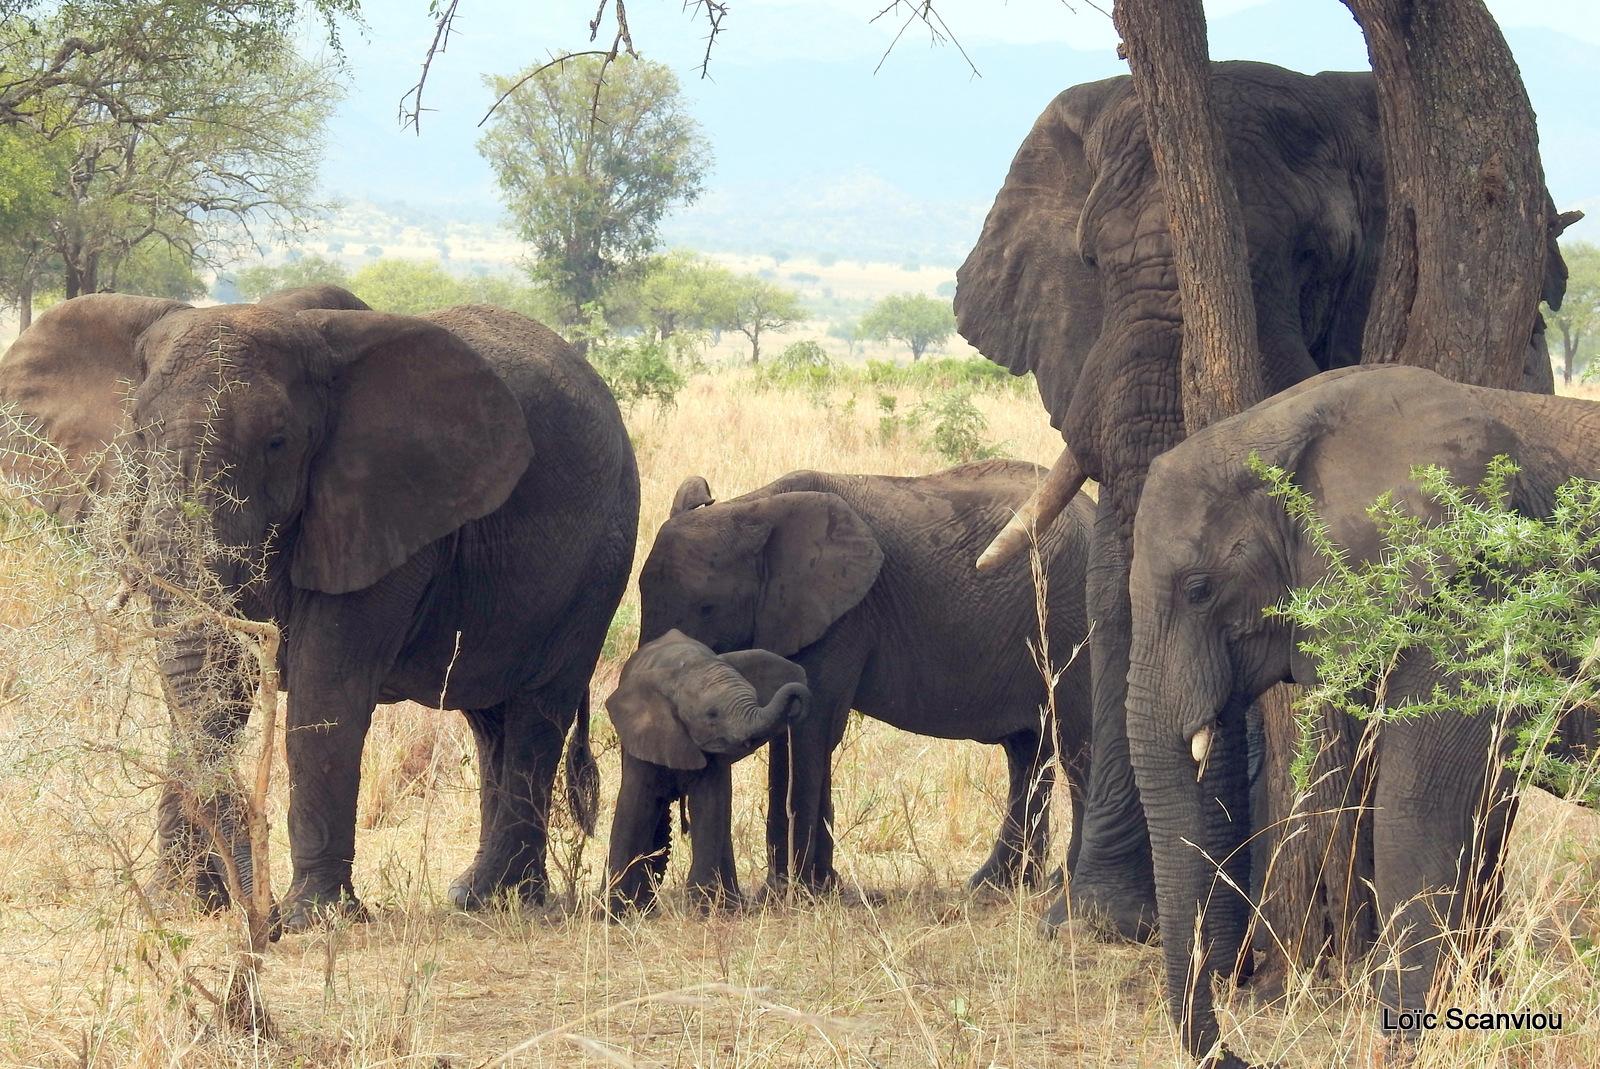 Éléphant de savane d'Afrique/Savanna Elephant (85)